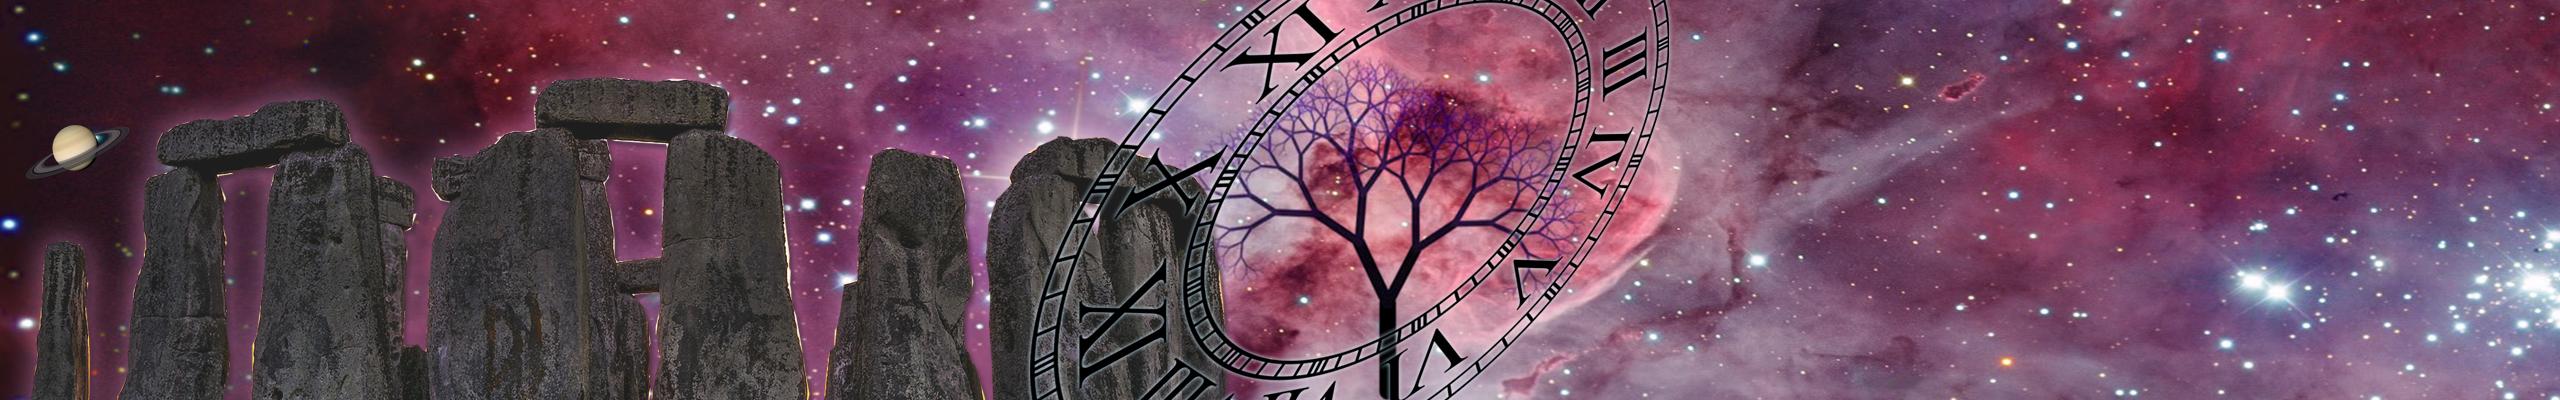 Přesný čas online podle atomových hodin